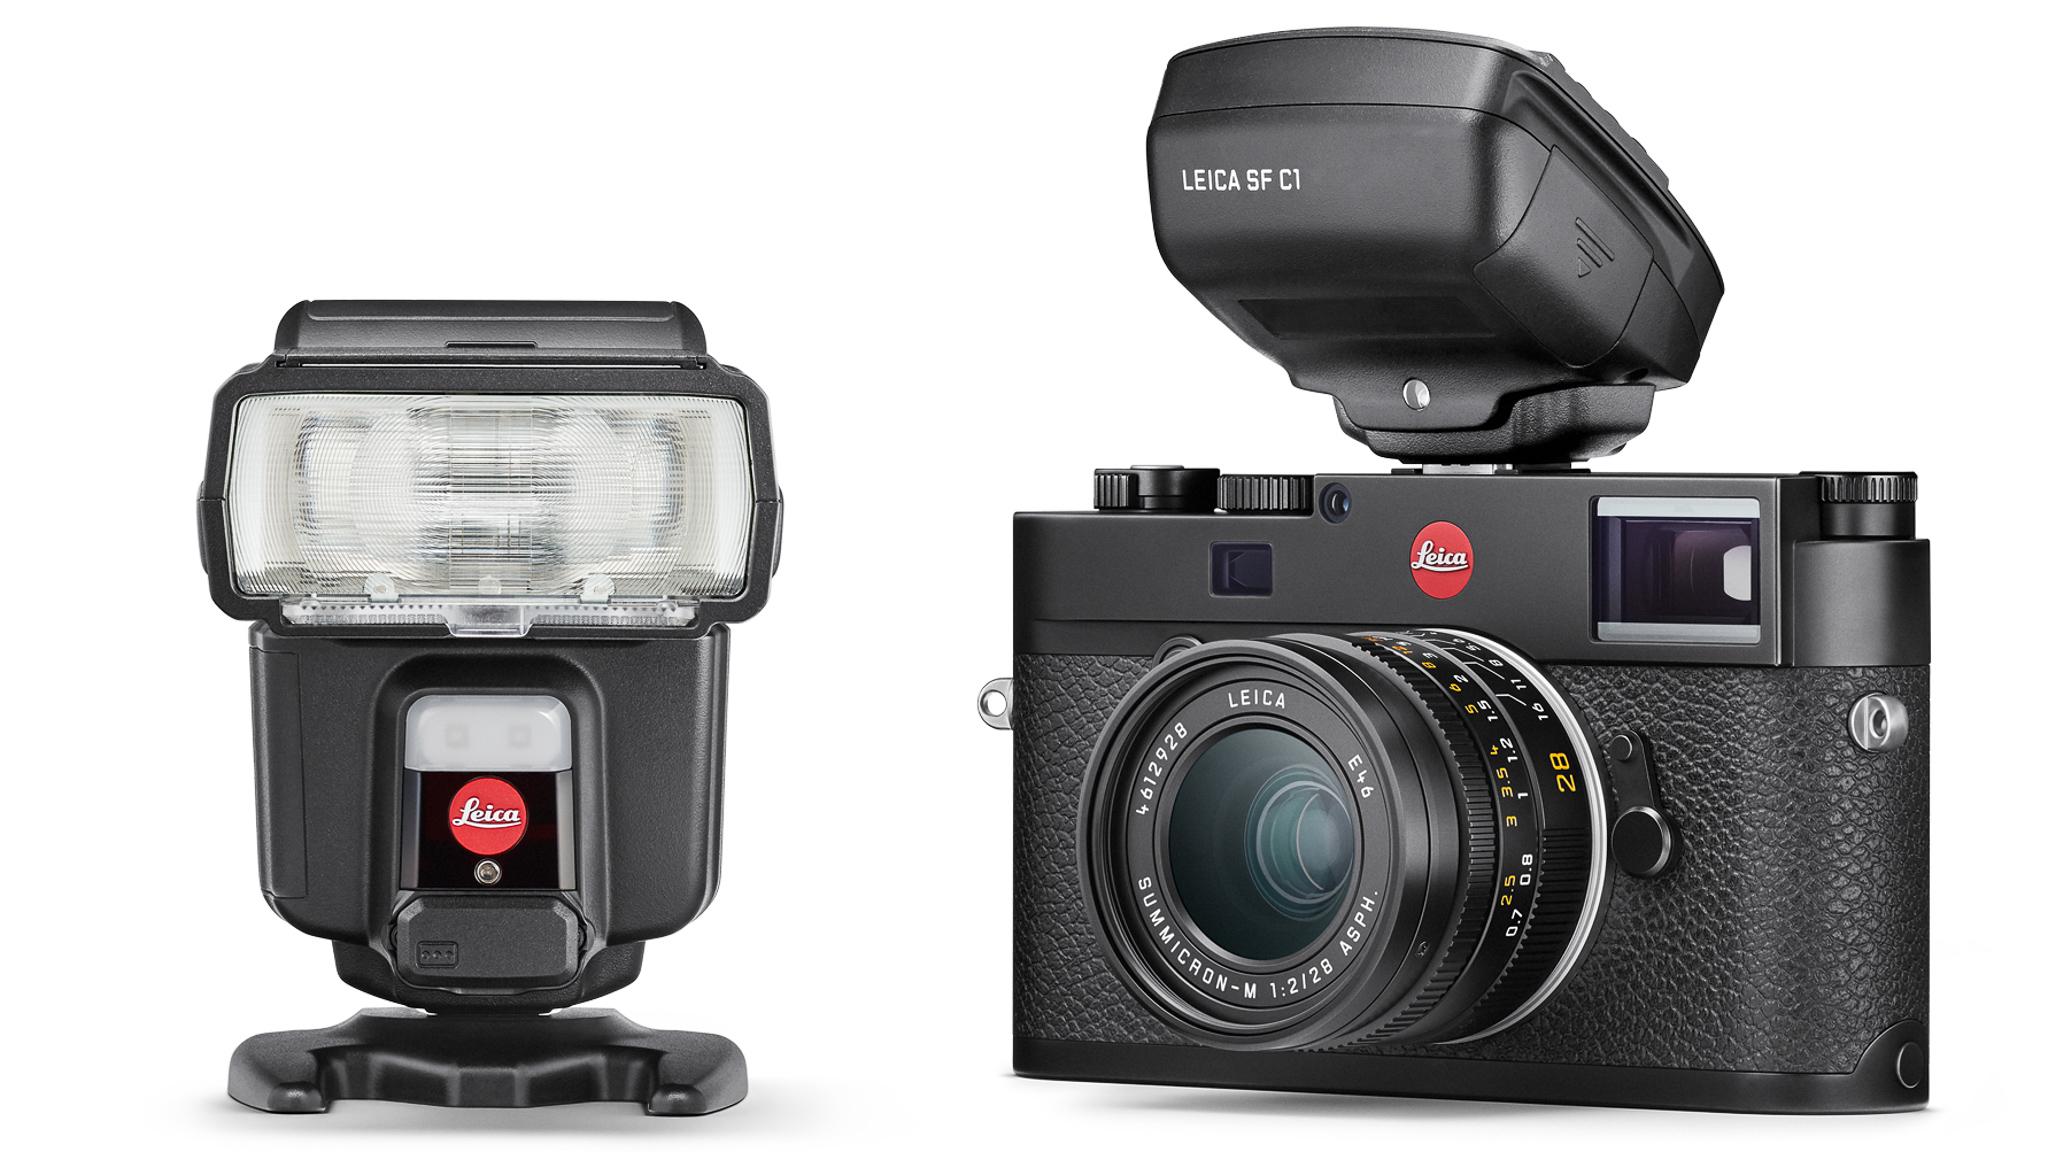 Leica_SF60_SFC1_M10_LoRes_sRGB